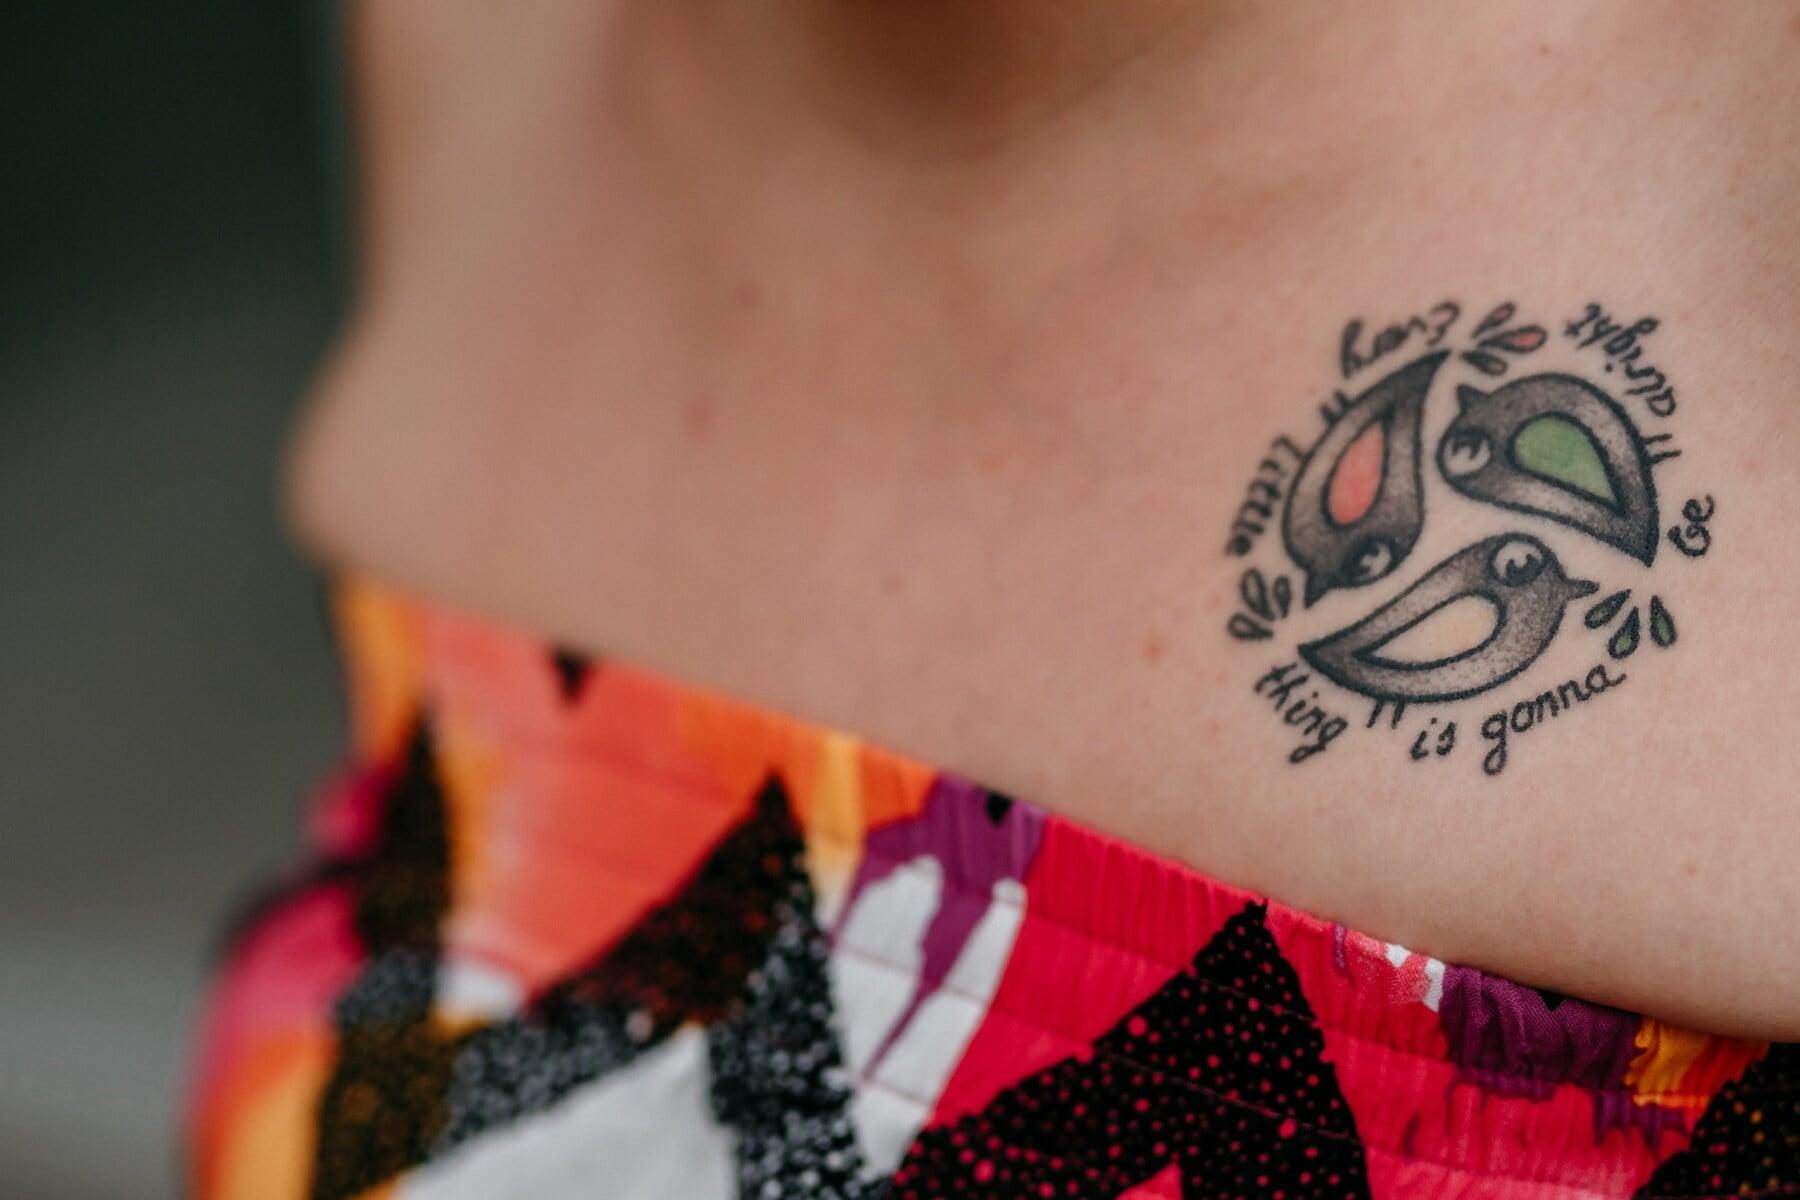 女性, 纹身, 符号, 设计, 皮肤, 鸟, 三, 微型, 女人, 女孩